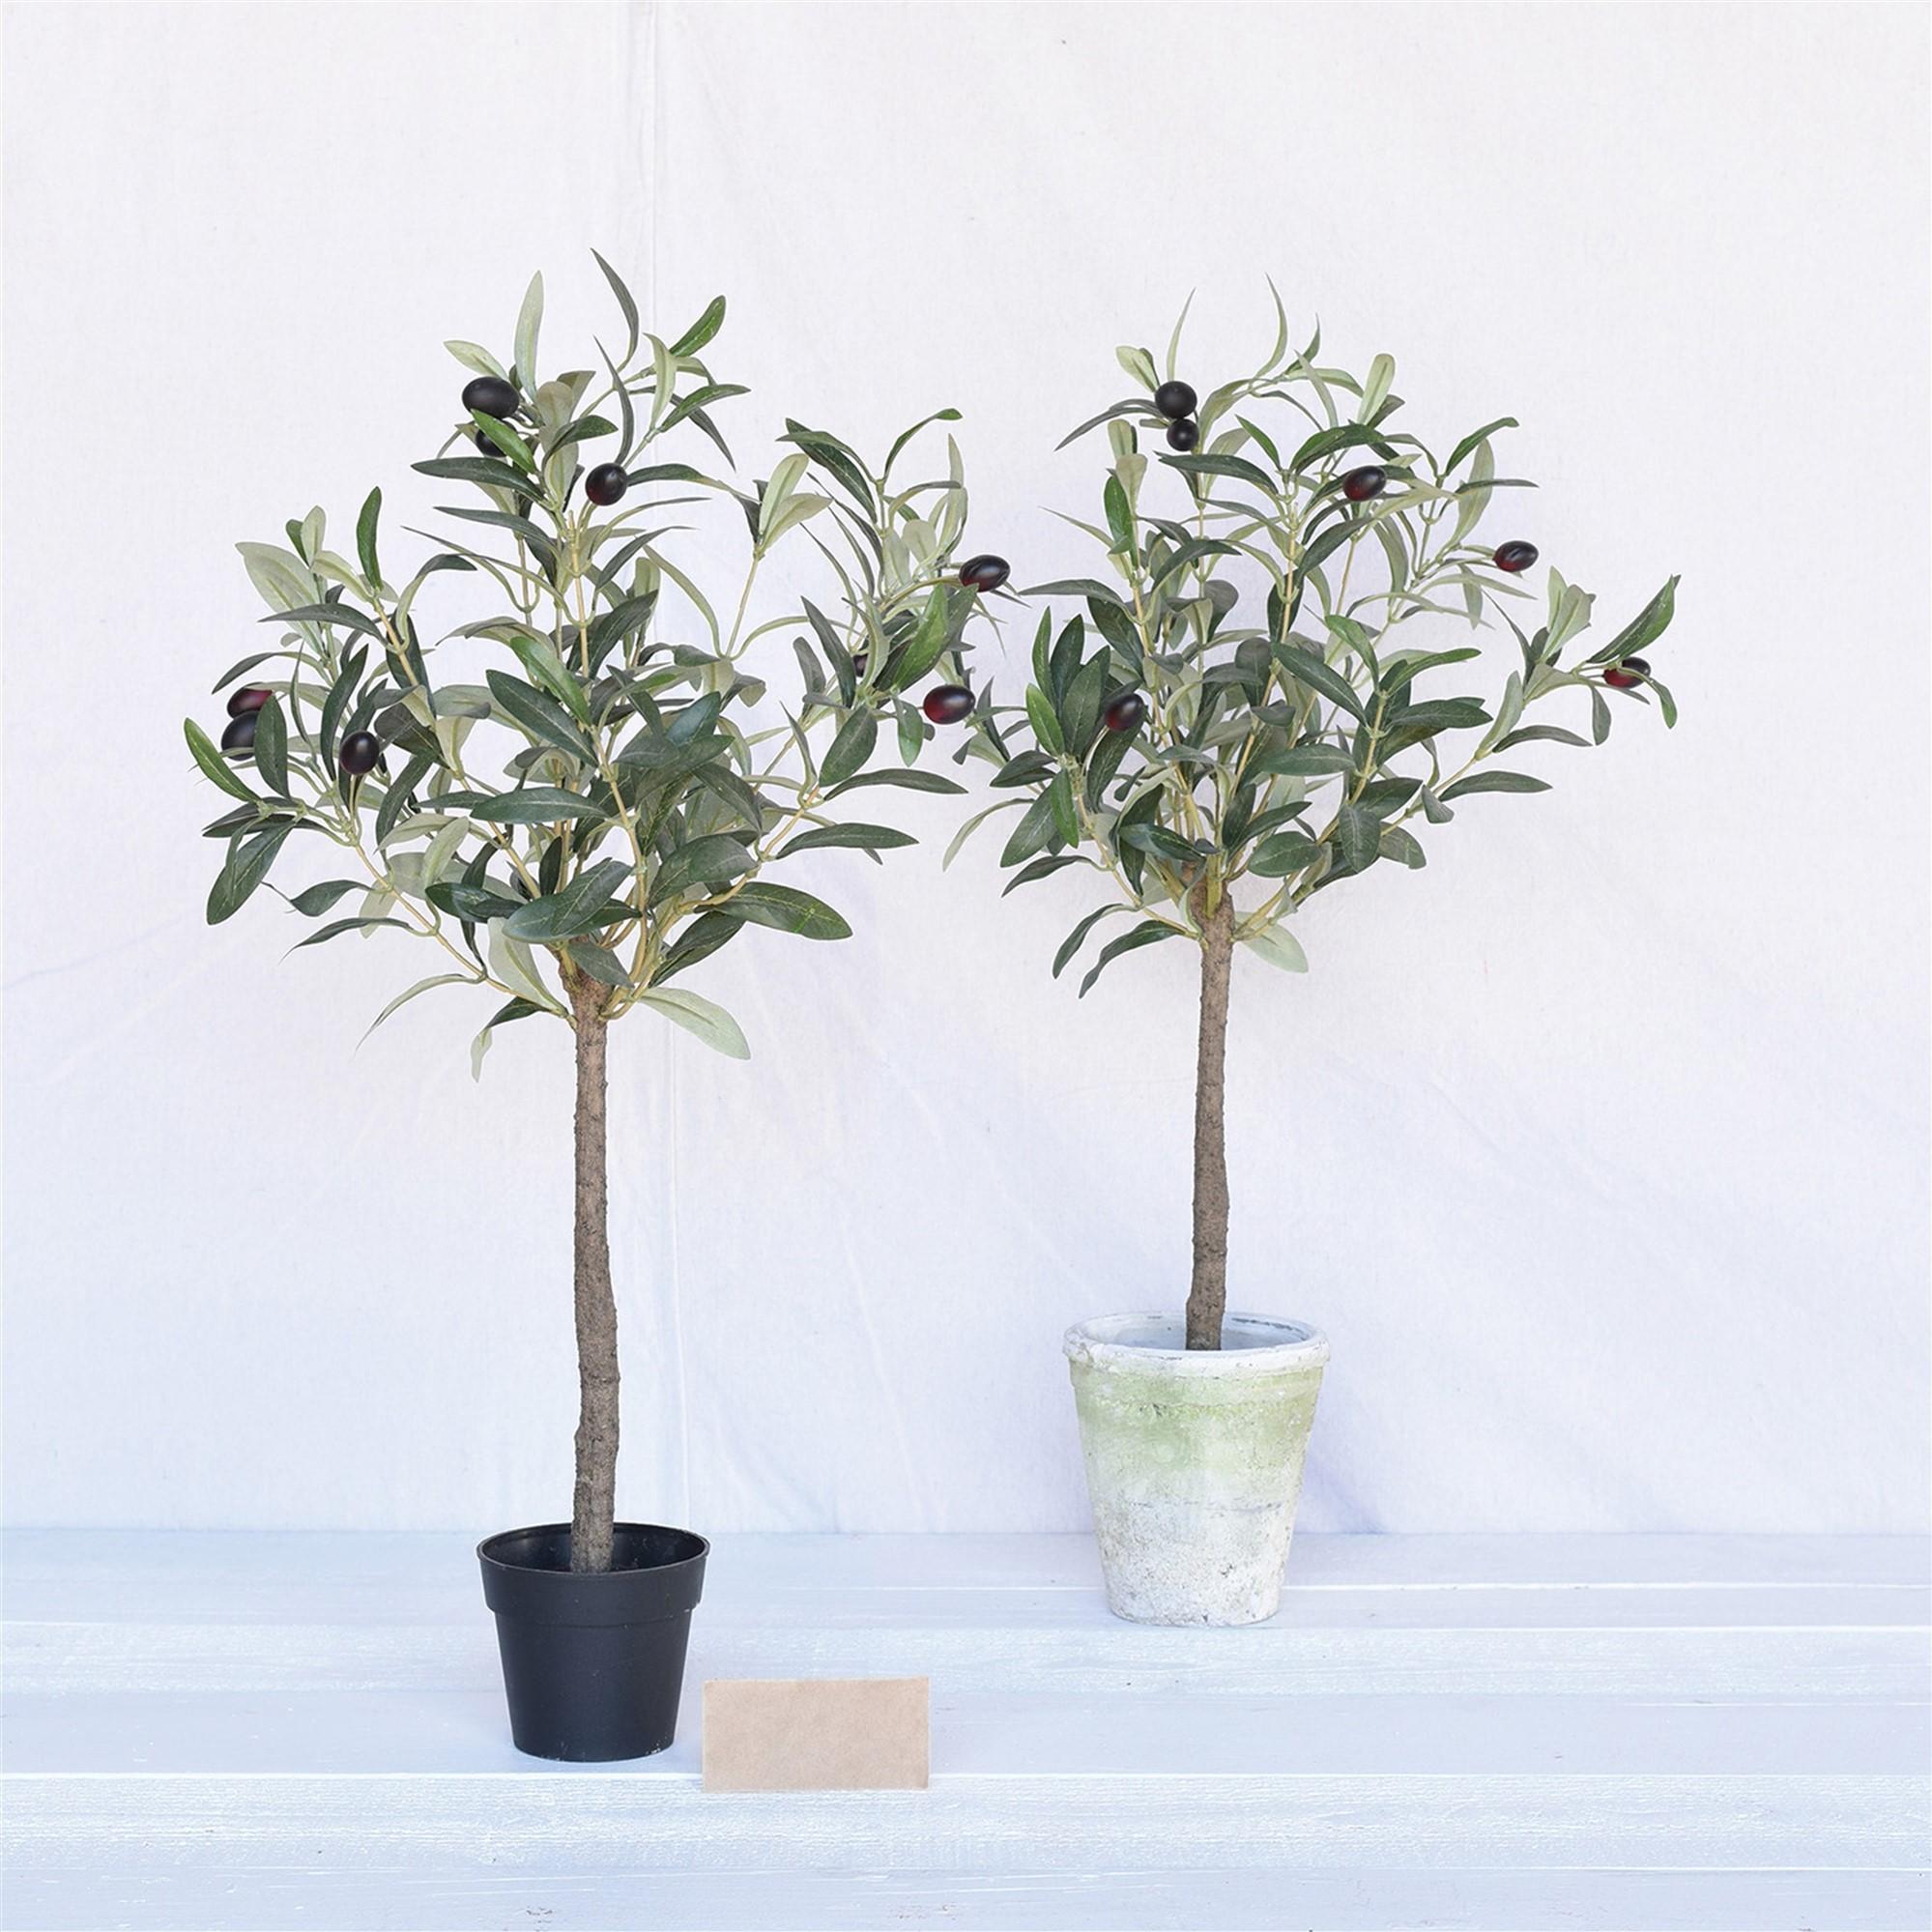 Ajoutez de l'engrais pour obtenir de magnifiques oliviers.